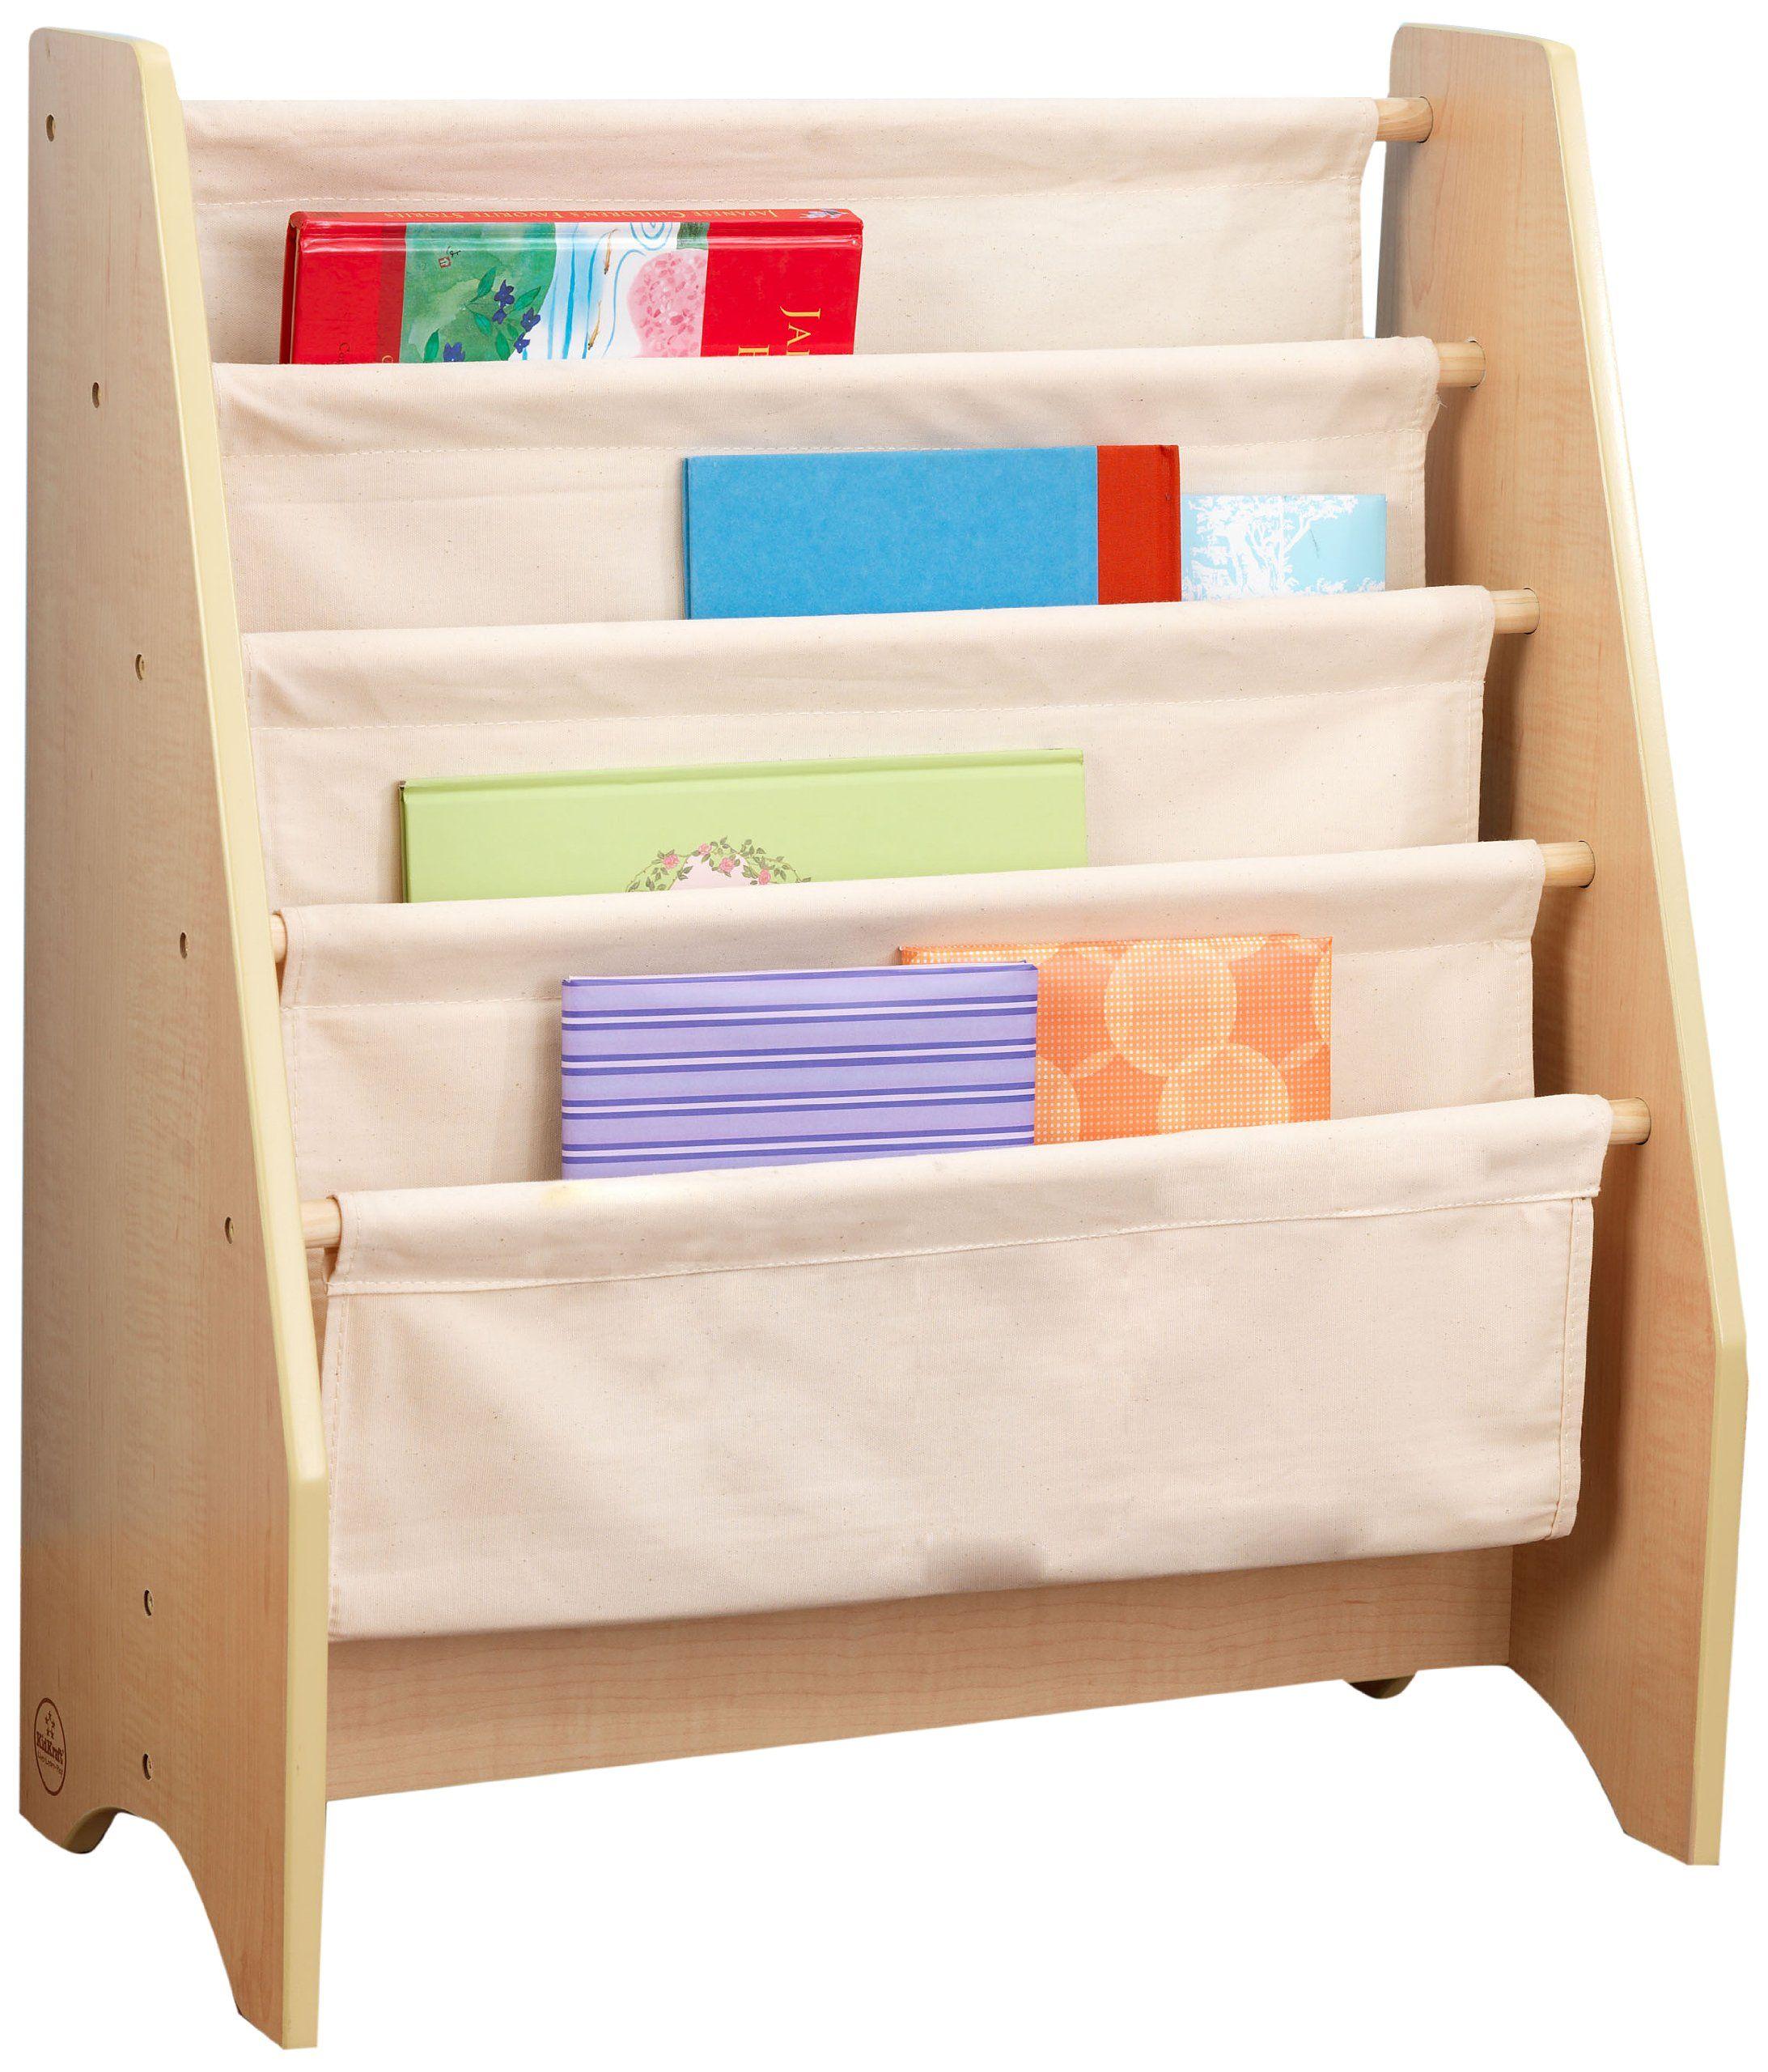 Librerie Per Camerette Bambini kidkraft 14221 - libreria in legno e tessuto, in colori